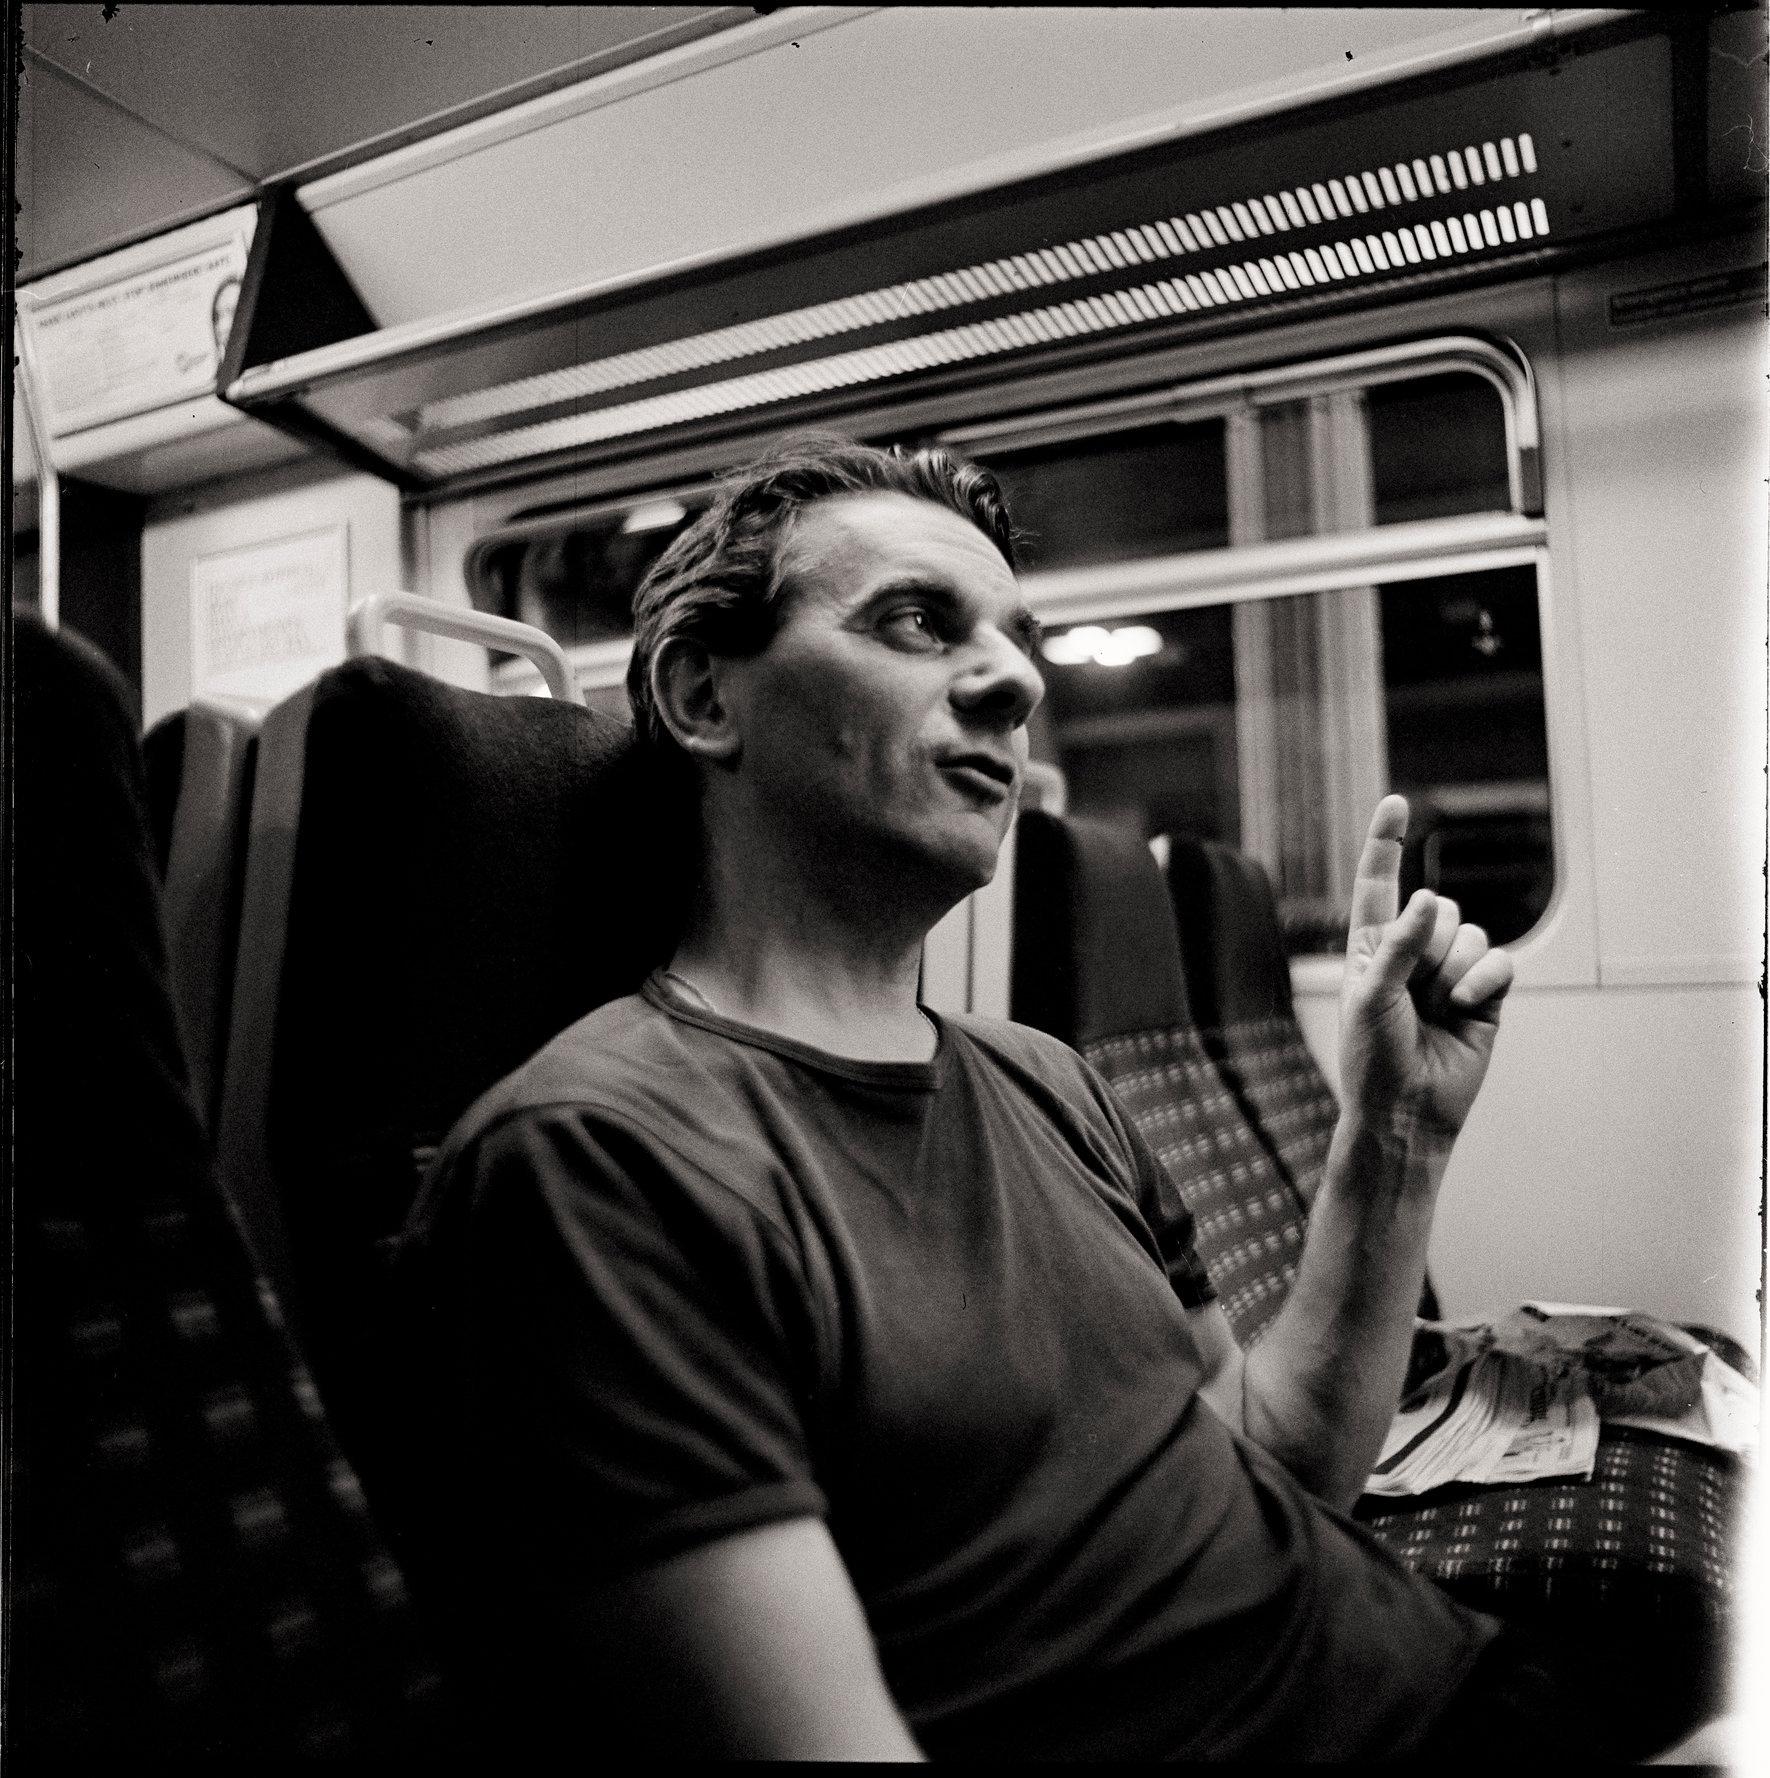 CONOR MC MAHON,LAST TRAIN TO SUTTON,LONDON